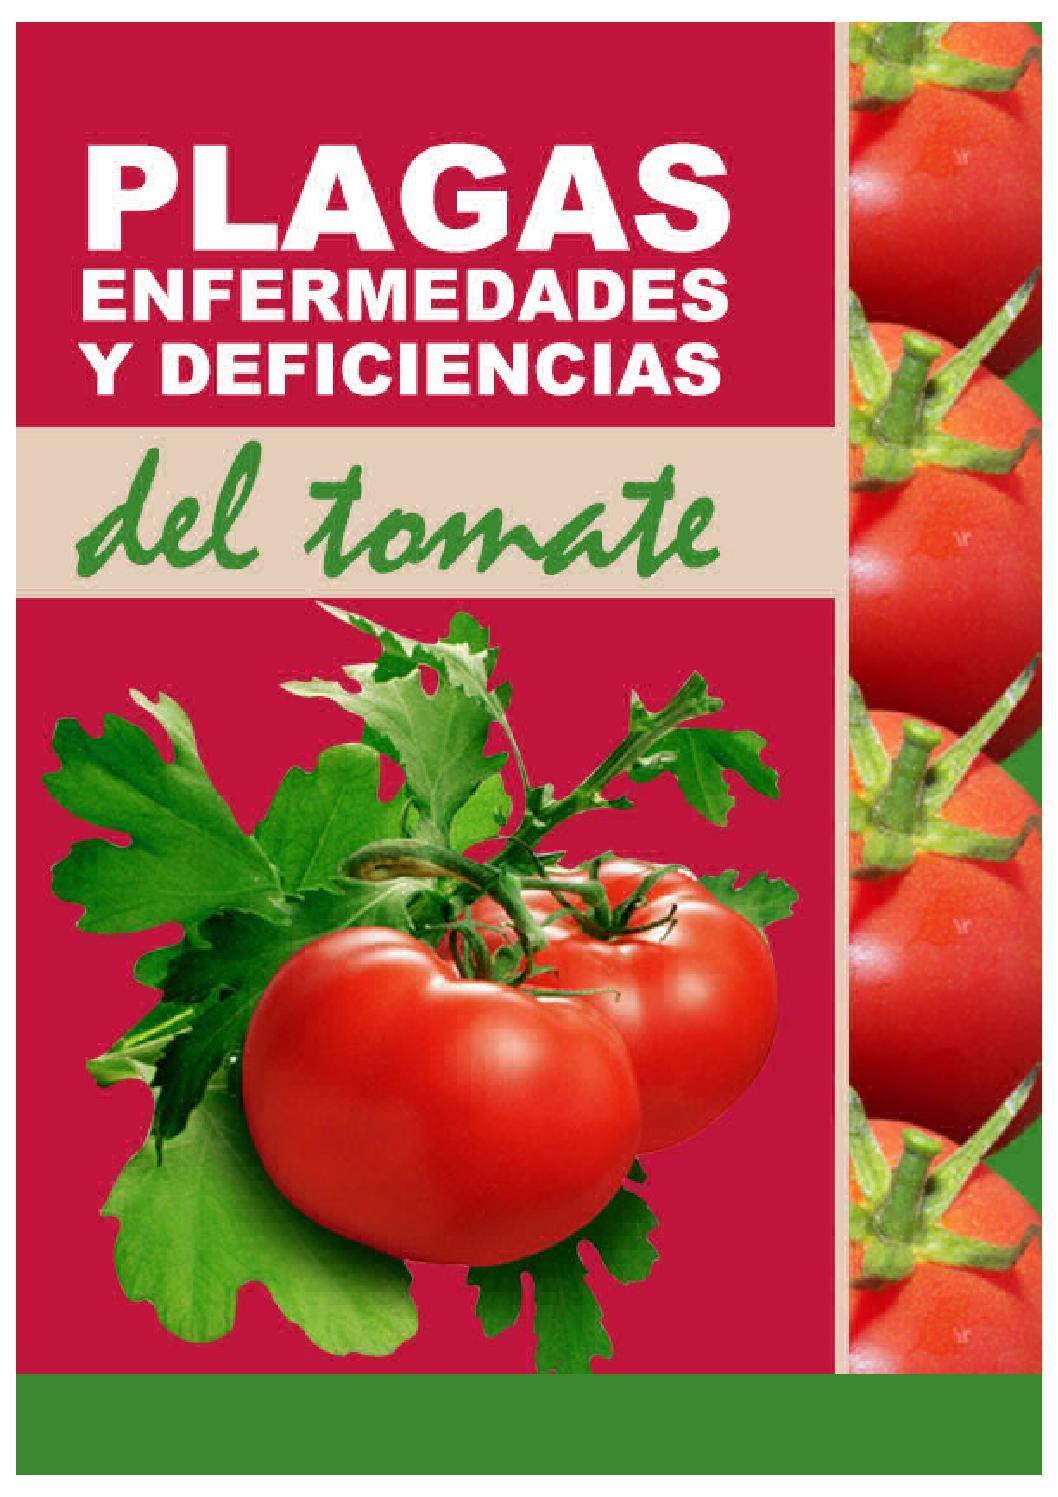 plagas enfermedades y deficiencias del tomate by